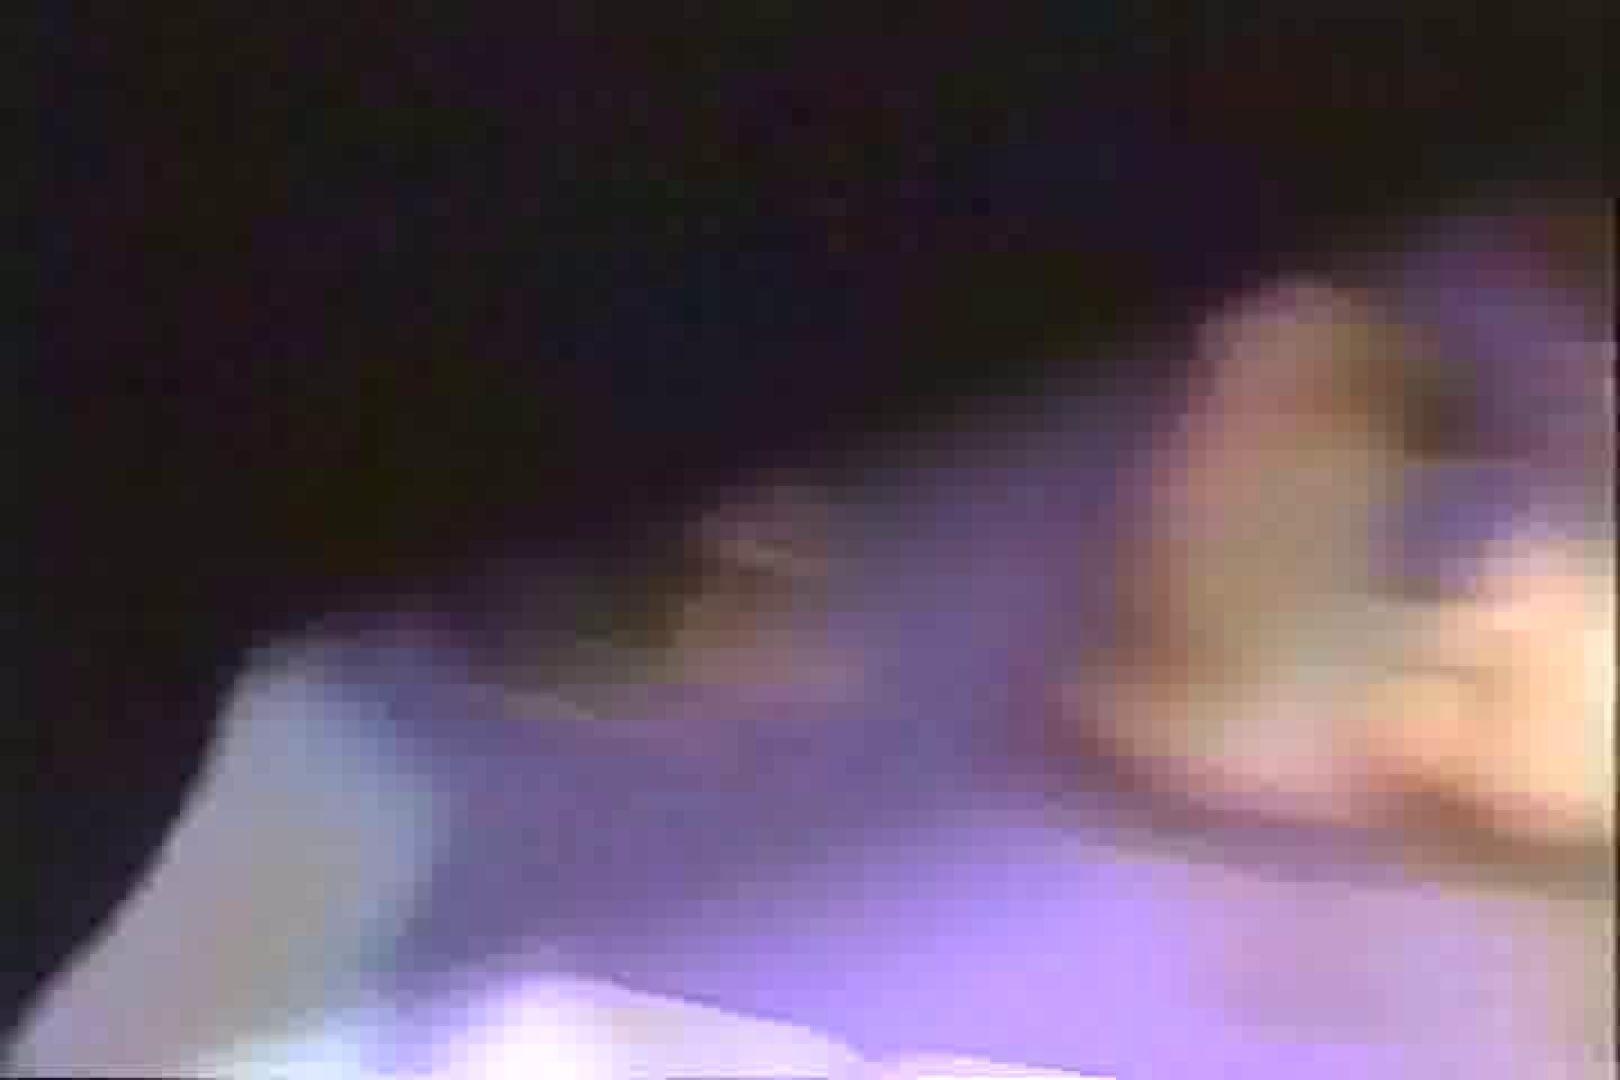 「ちくりん」さんのオリジナル未編集パンチラVol.1_01 OL  102枚 19